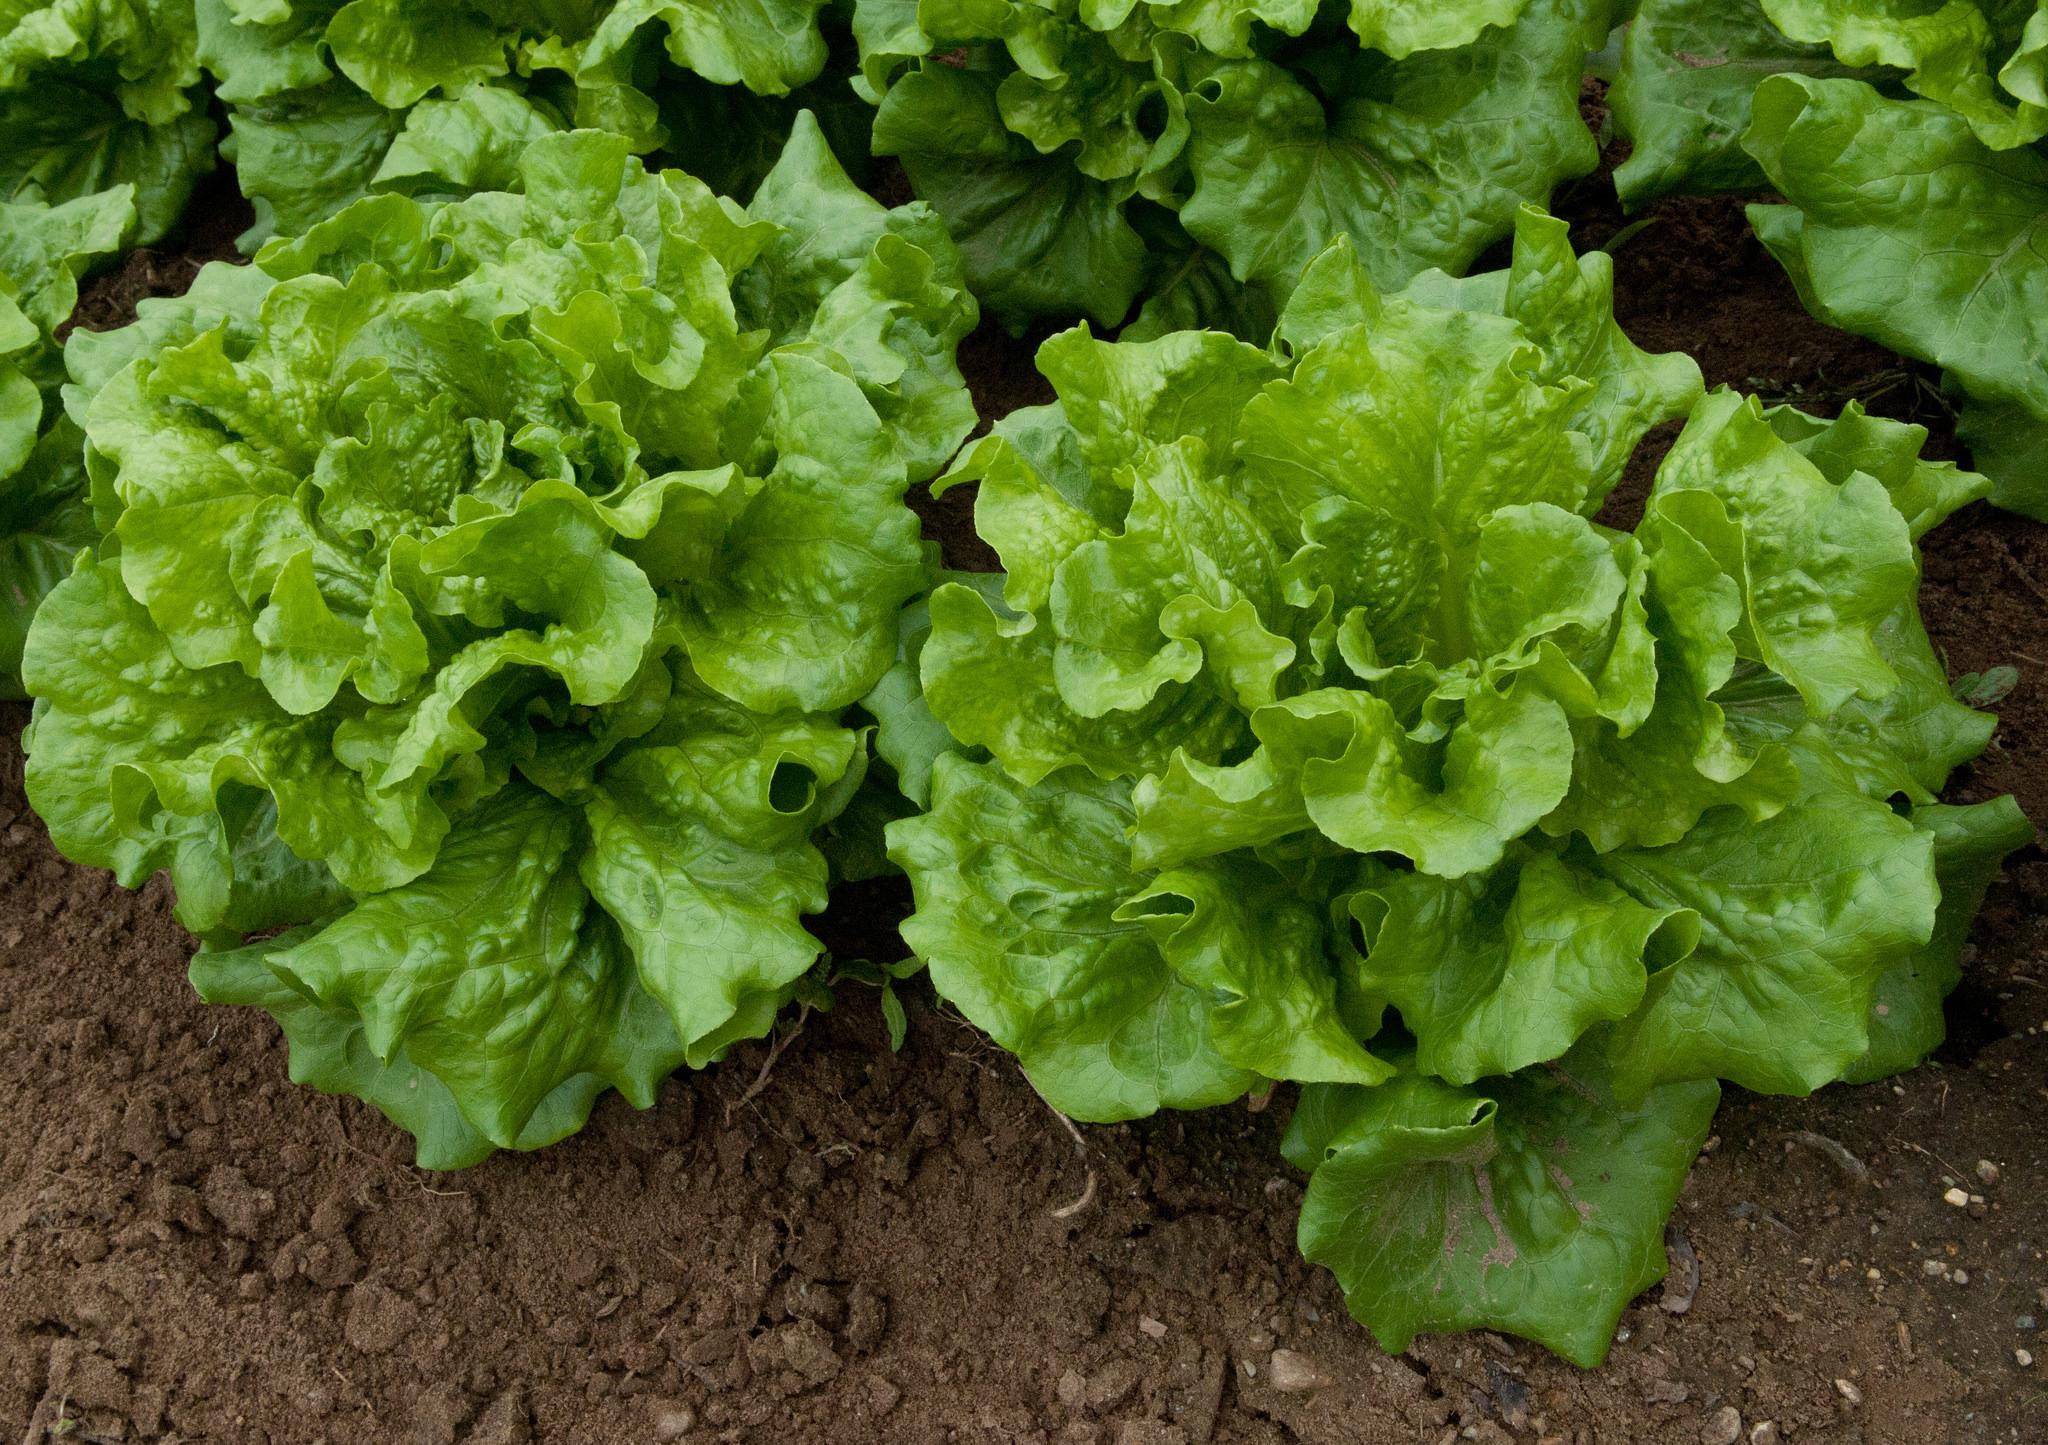 Generic lettuce